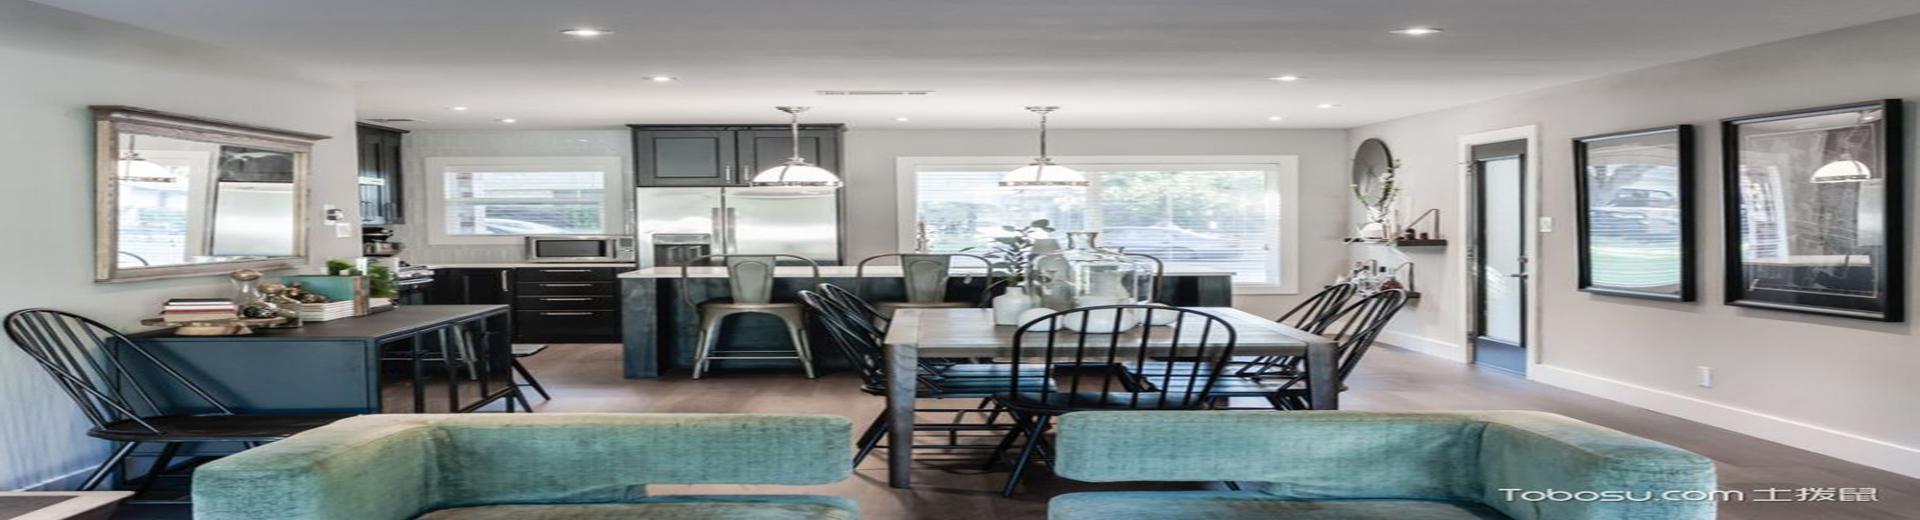 開放廚房裝修效果圖,讓馨香充滿房屋